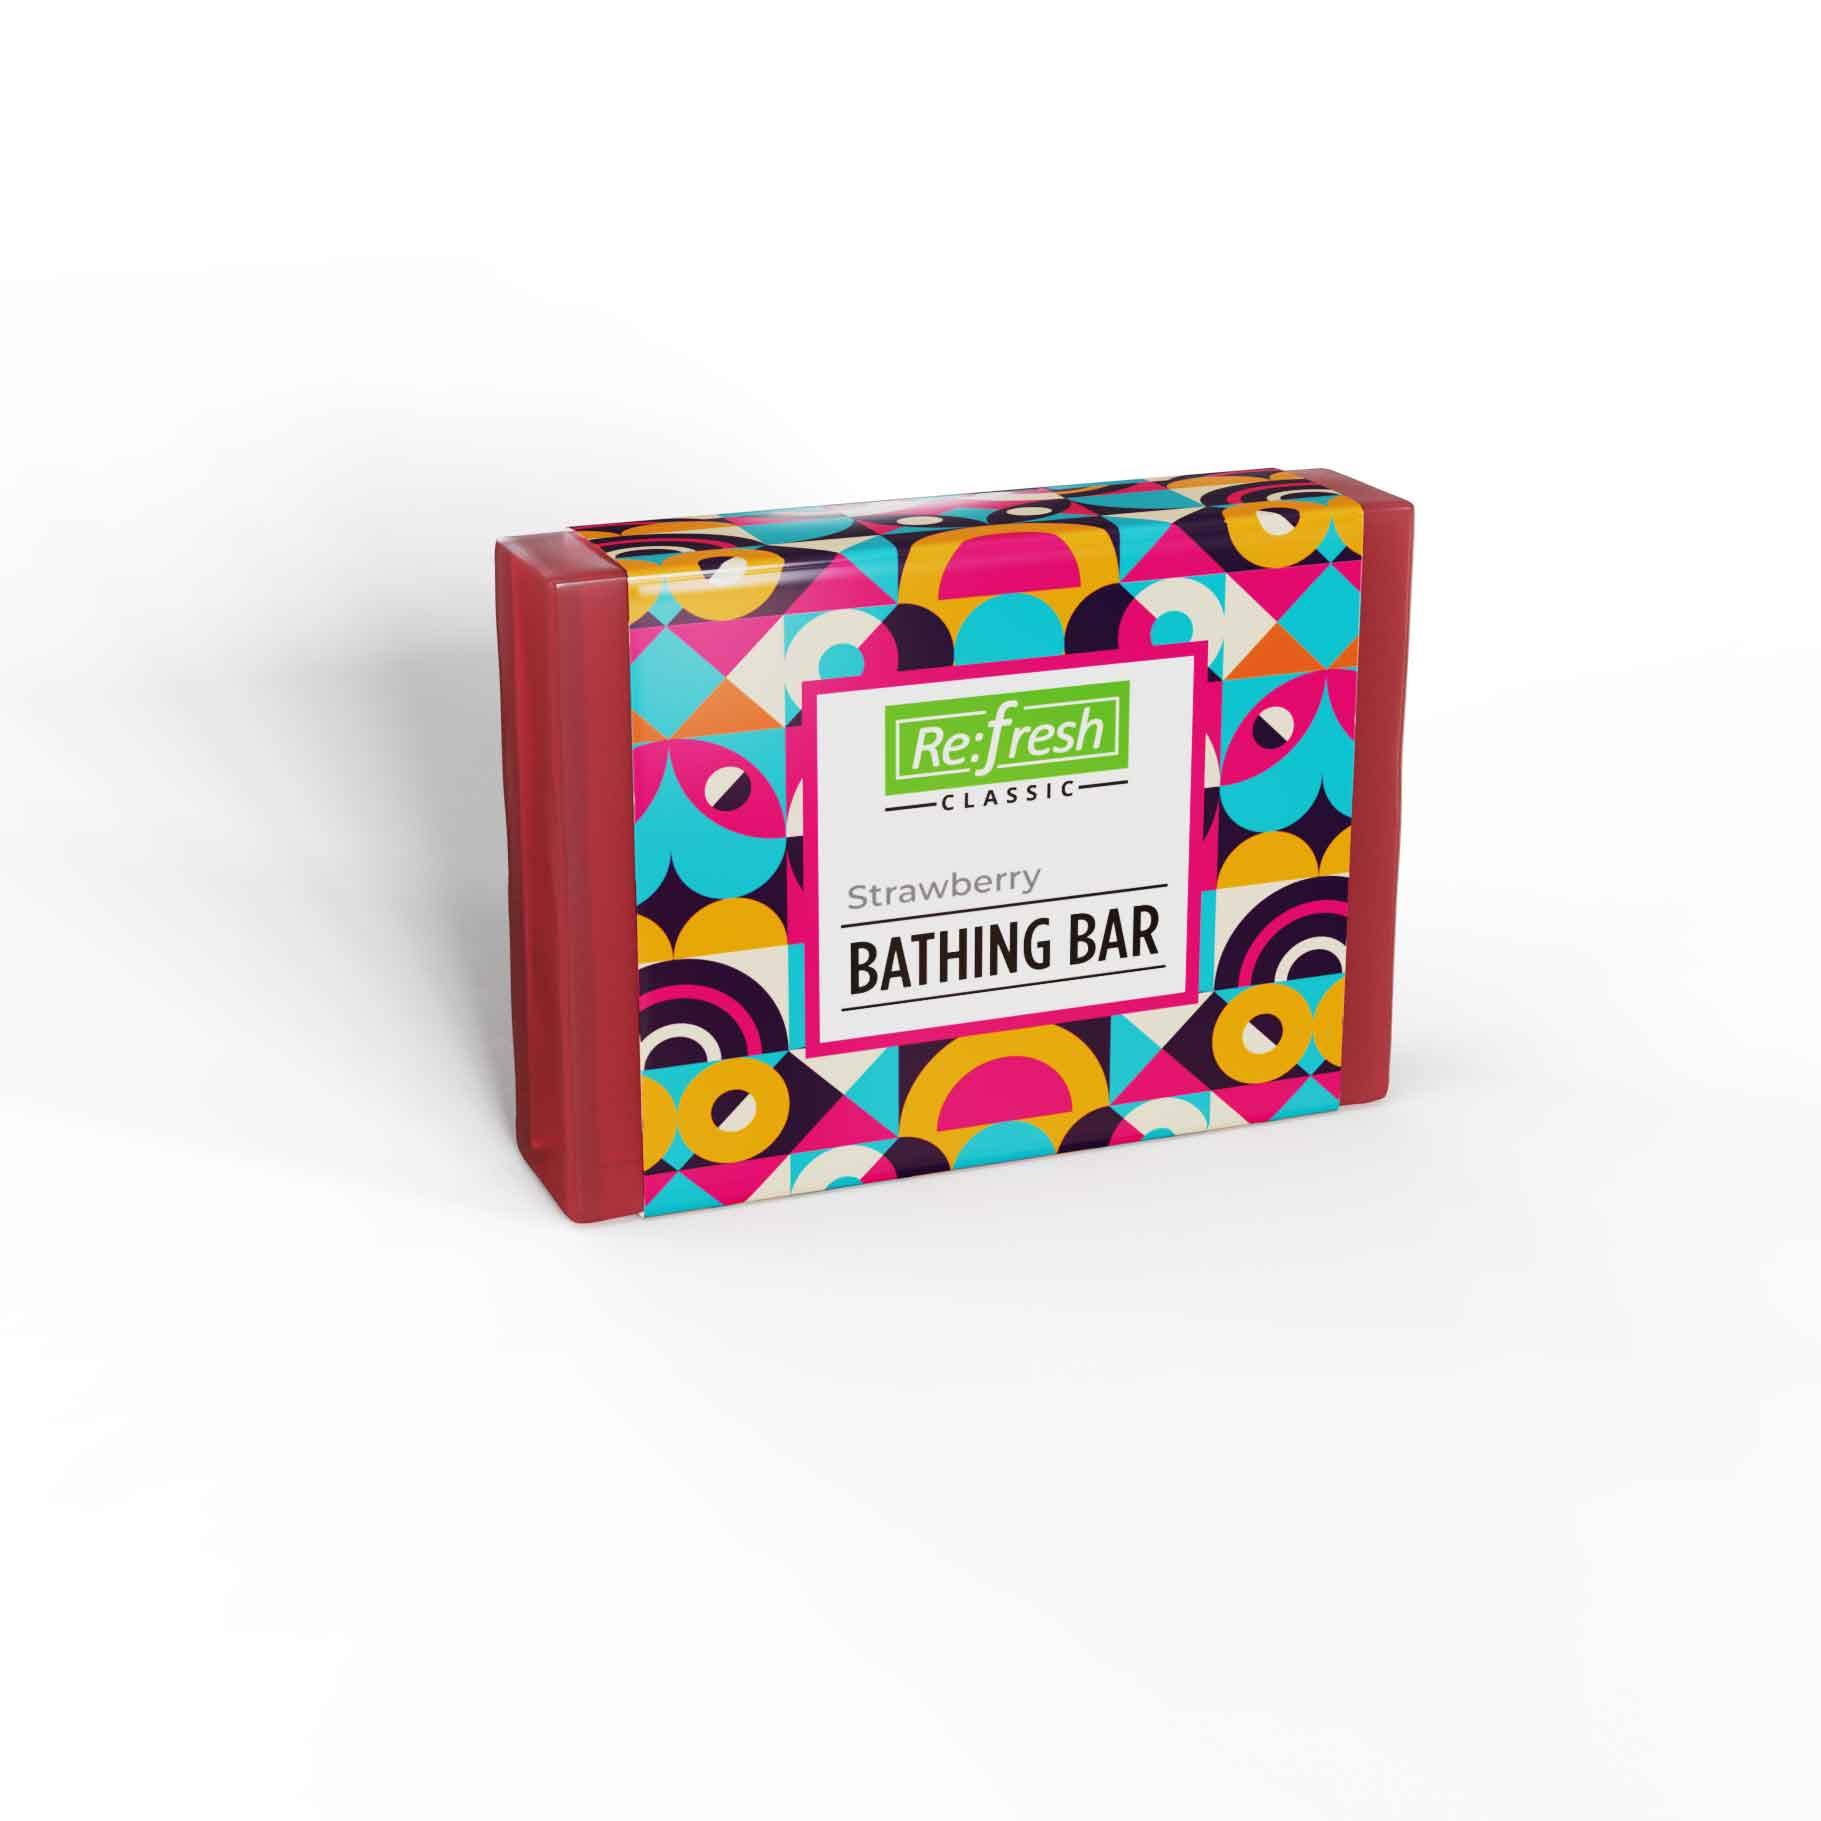 STRAWBERRY BATHING BAR